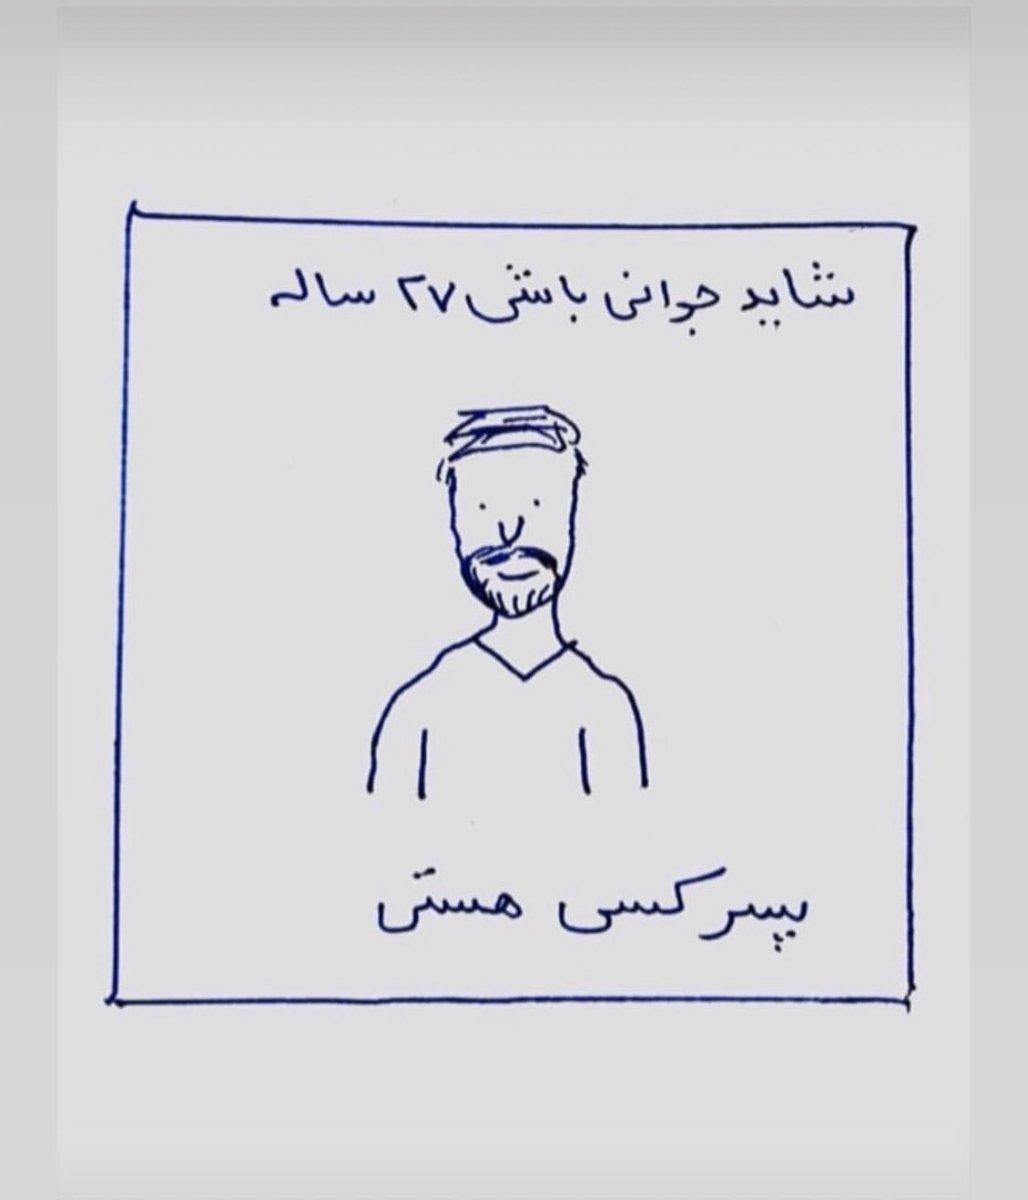 پسر کسی هستی ...برای گلوله تفاوتی ندارد😢✌🏻🕊#IranProtests #EyesOnIran